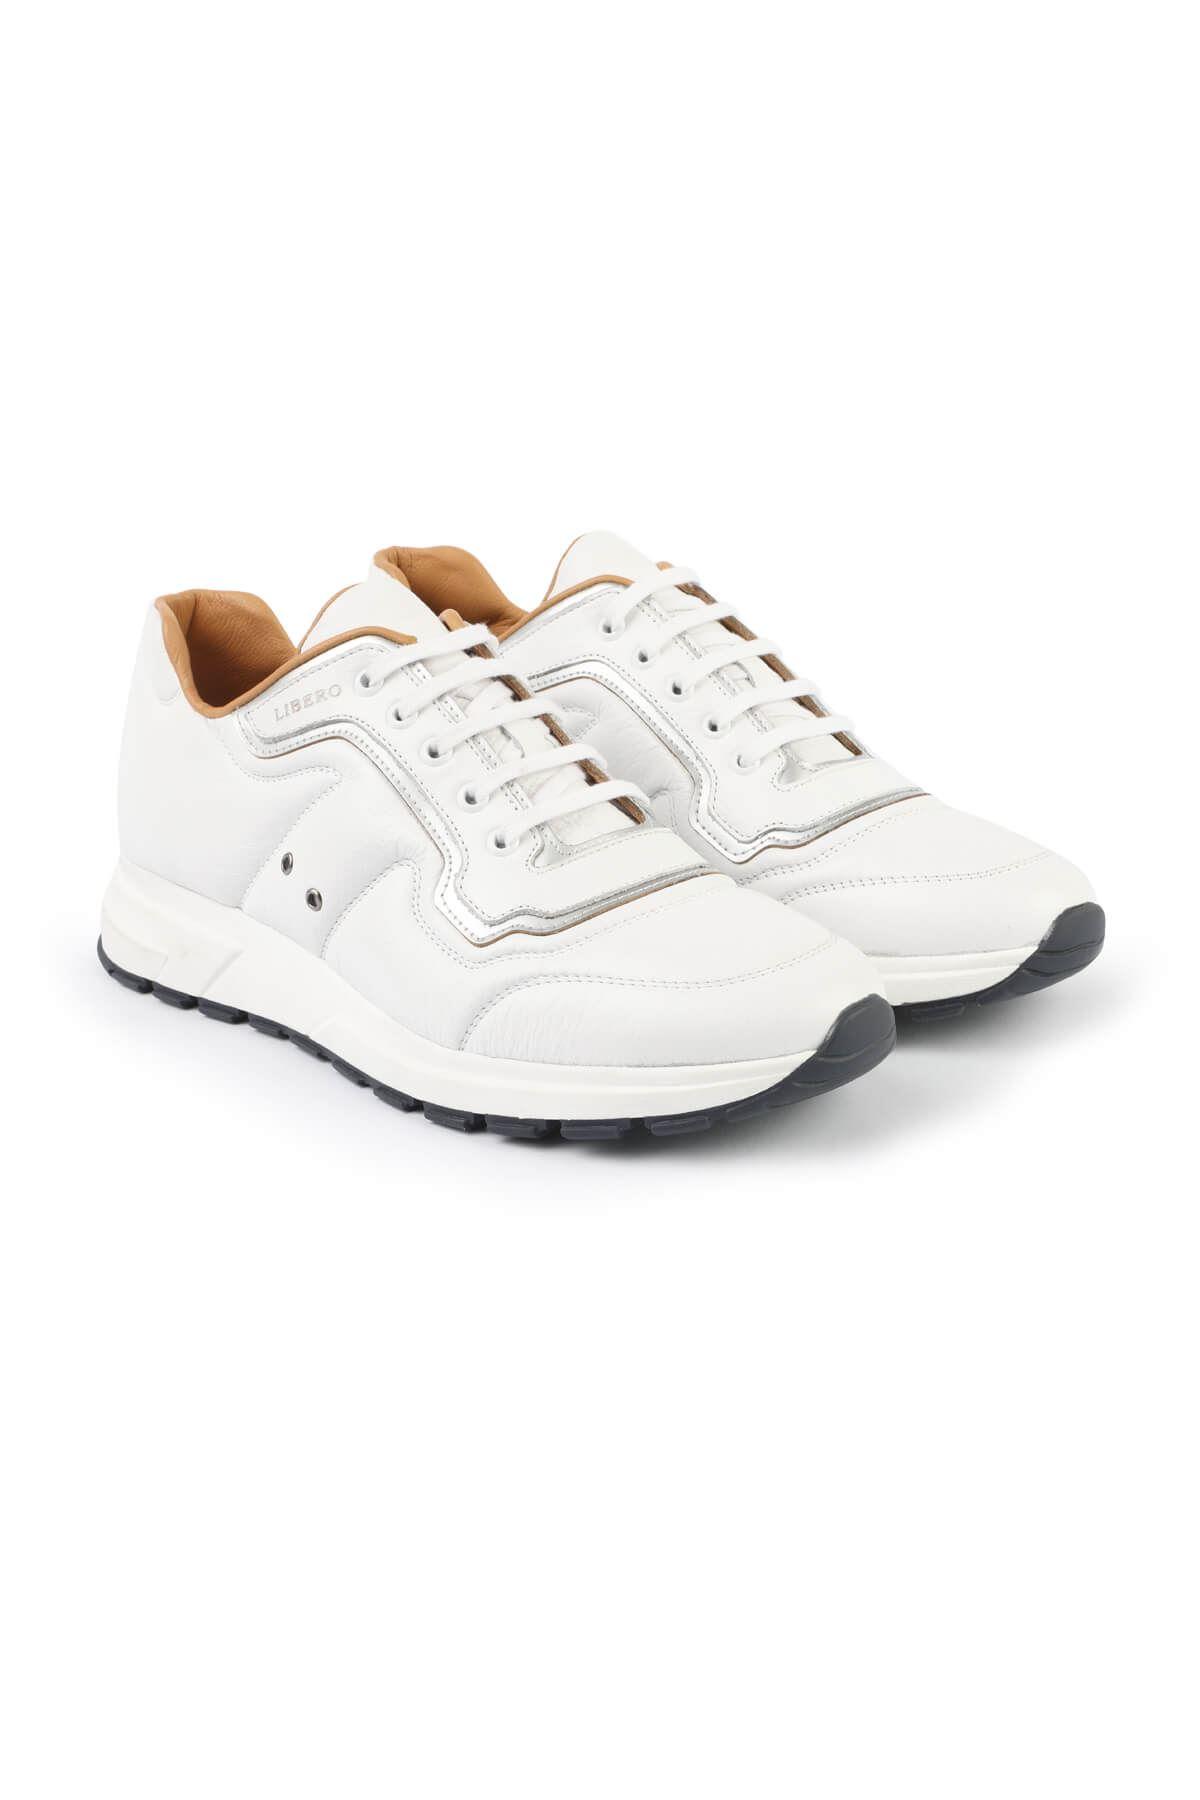 Libero 3149 Beyaz Spor Ayakkabı